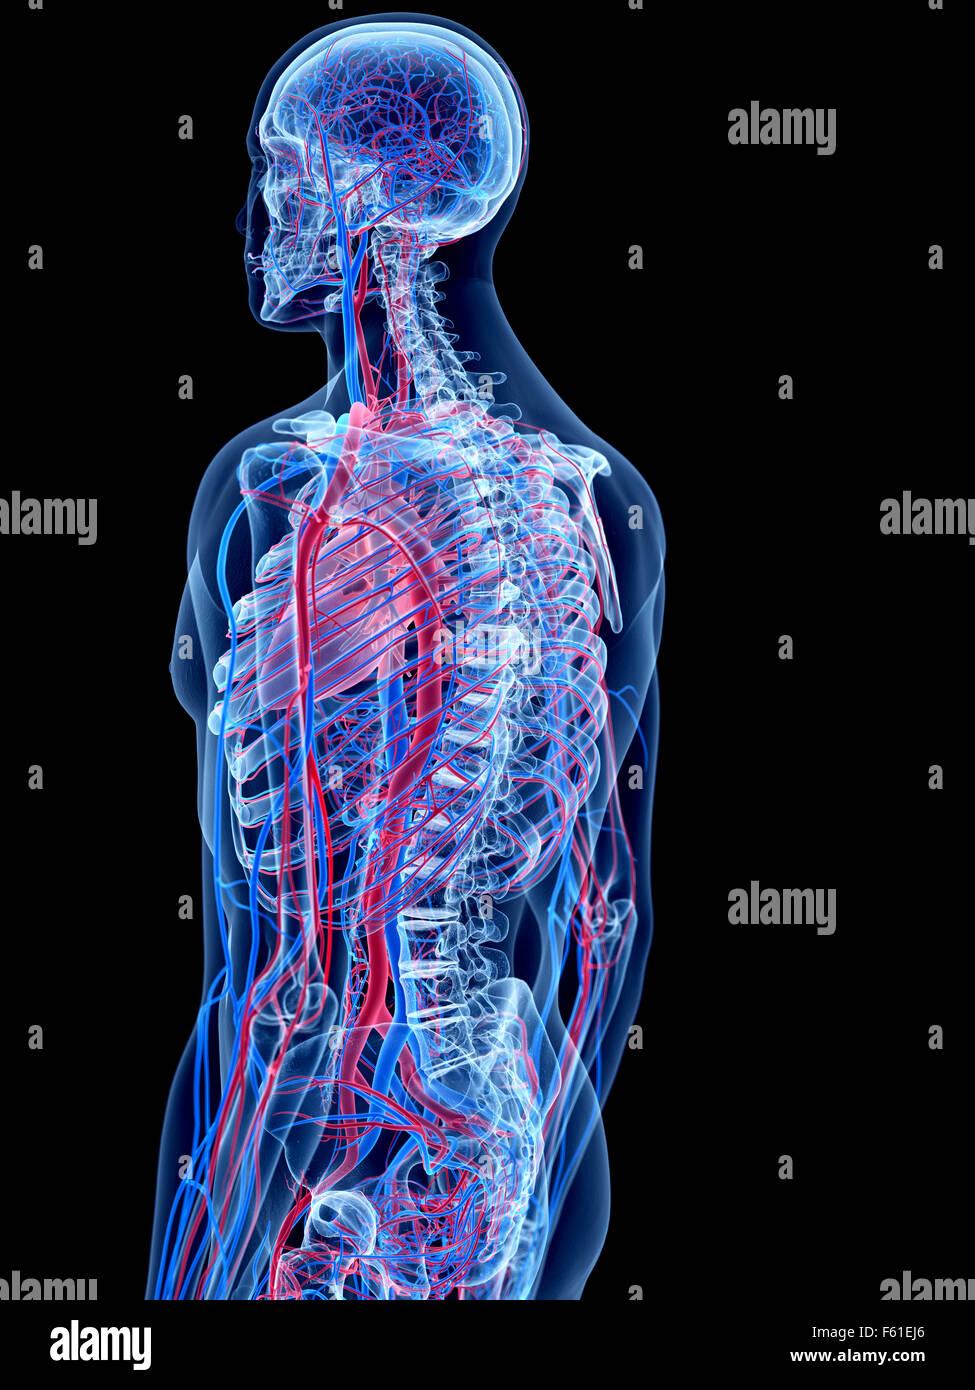 das menschliche Gefäßsystem Stockfoto, Bild: 89773214 - Alamy